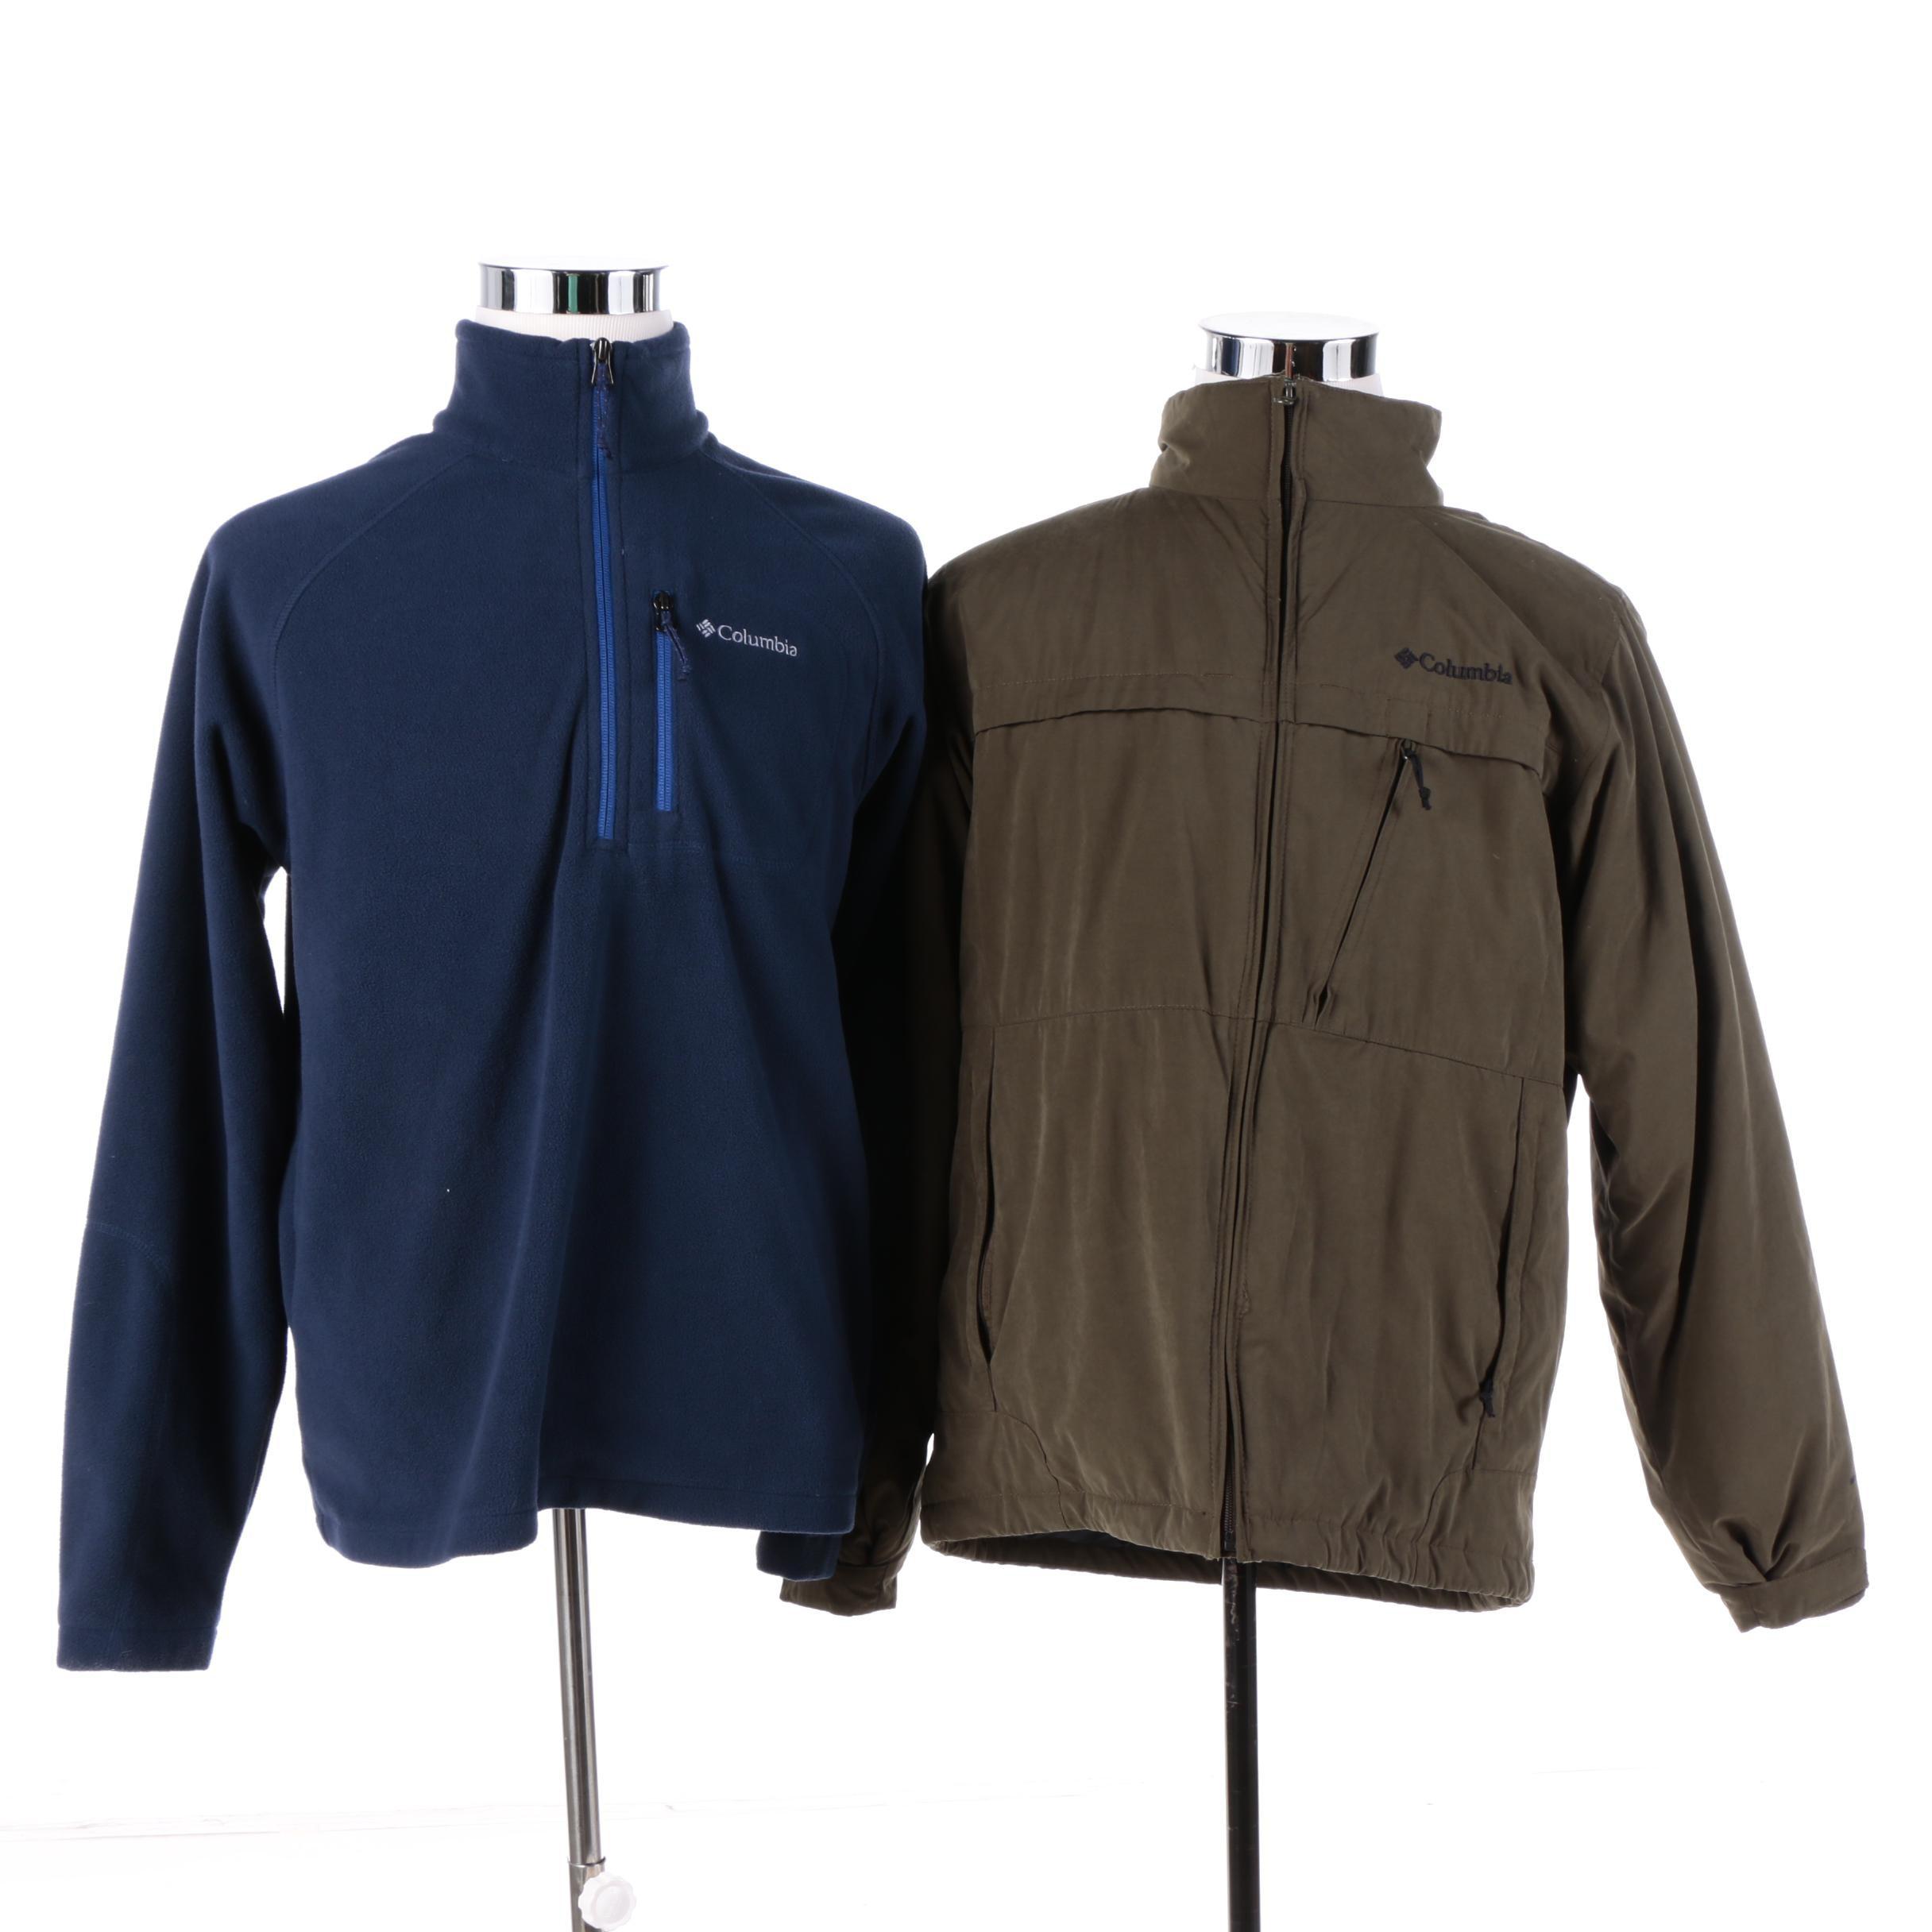 Men's Columbia Fleece Pullover and Cotton Zip Jacket with Fleece Lining